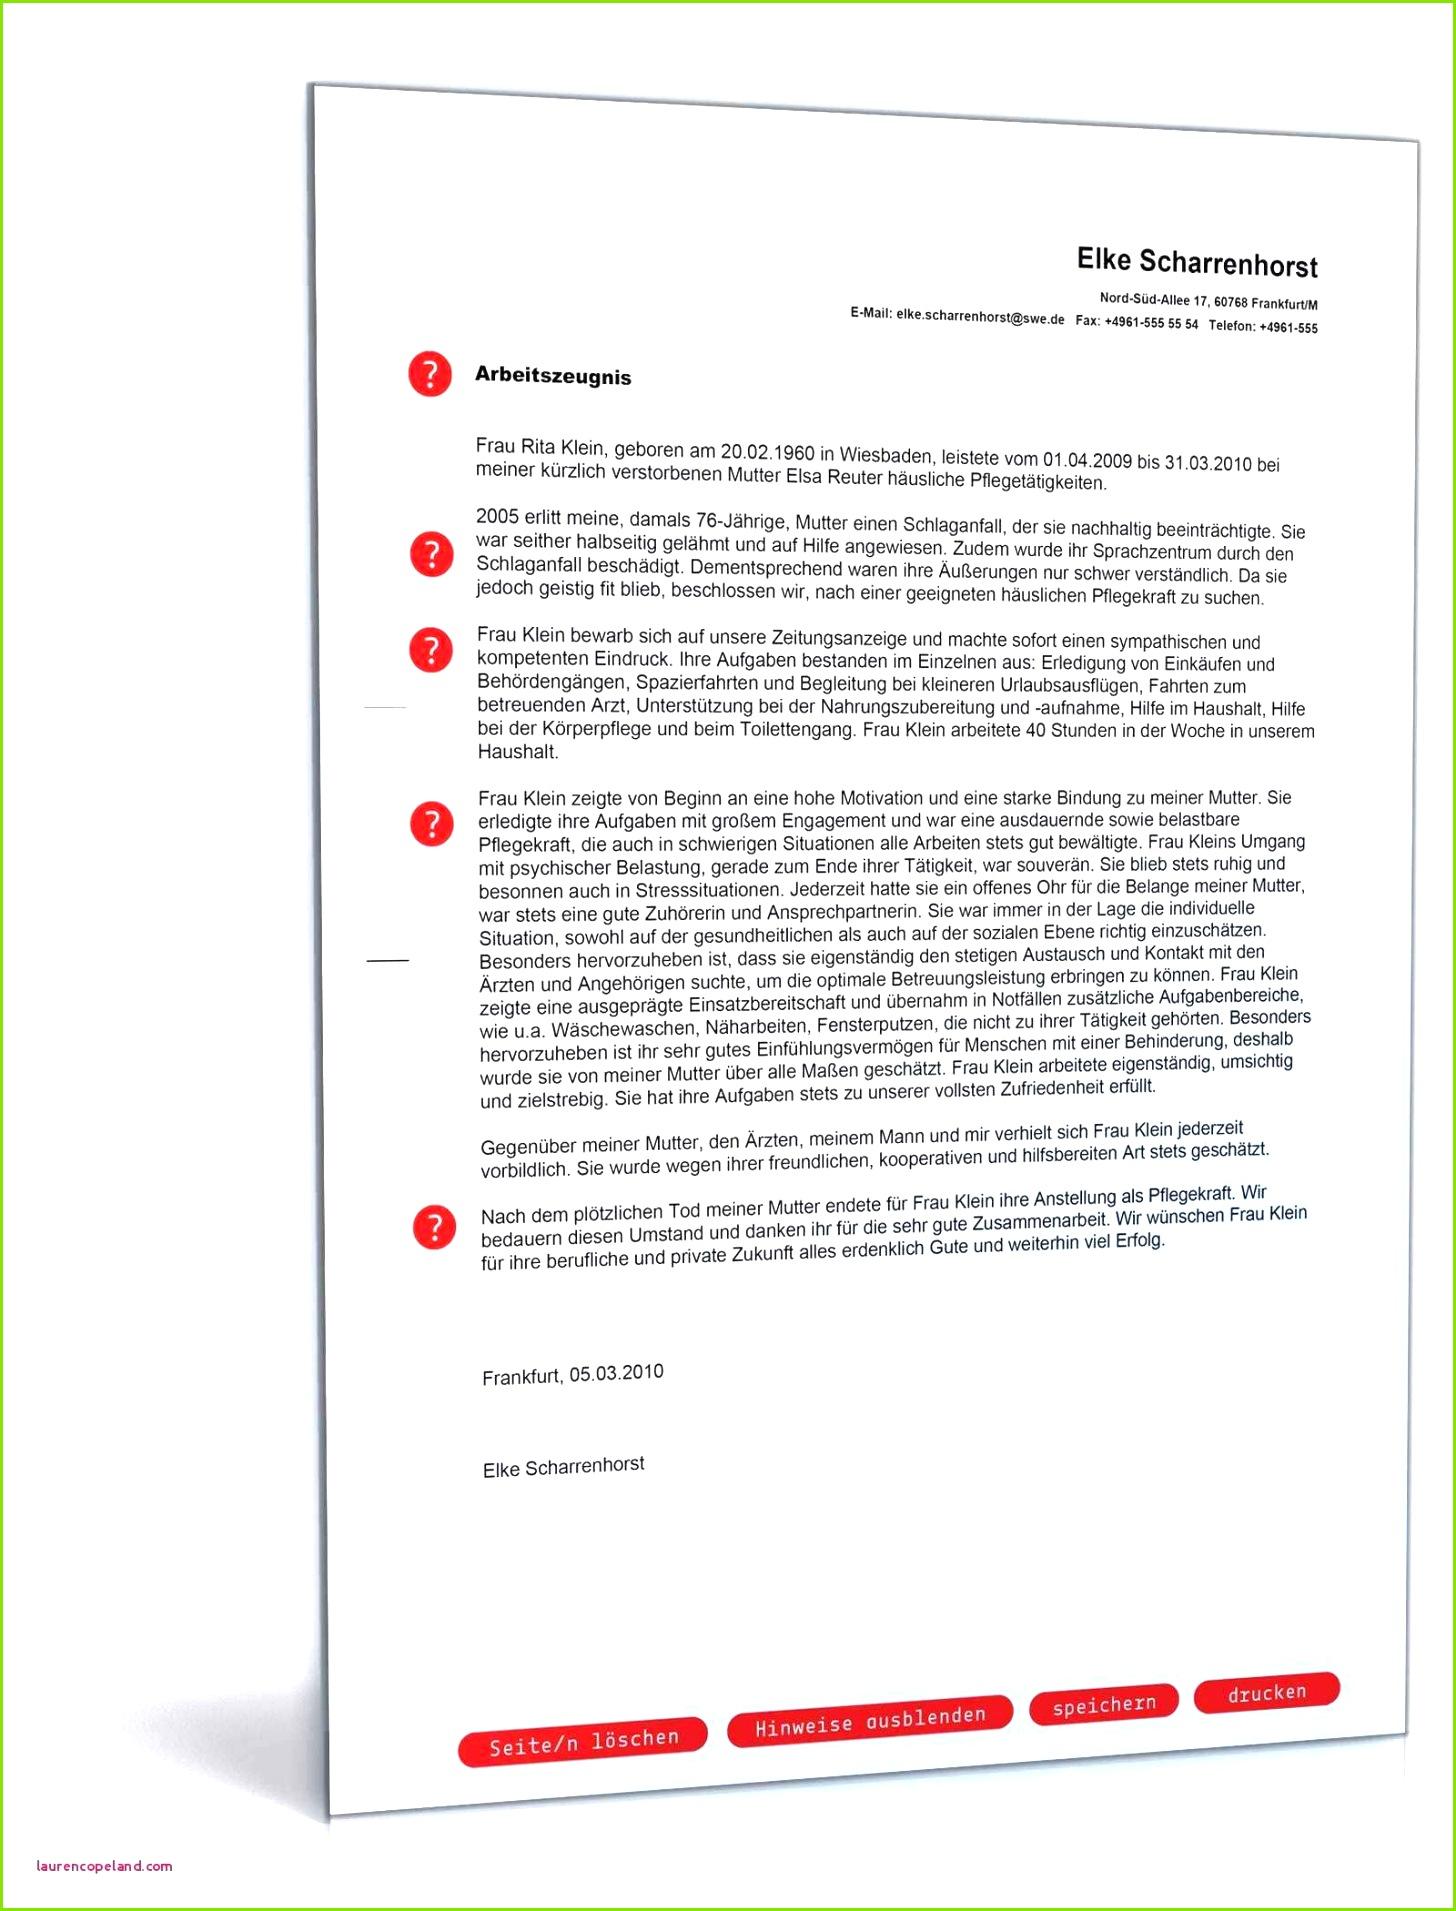 4 Autofachmann Berichtsheft Vorlage